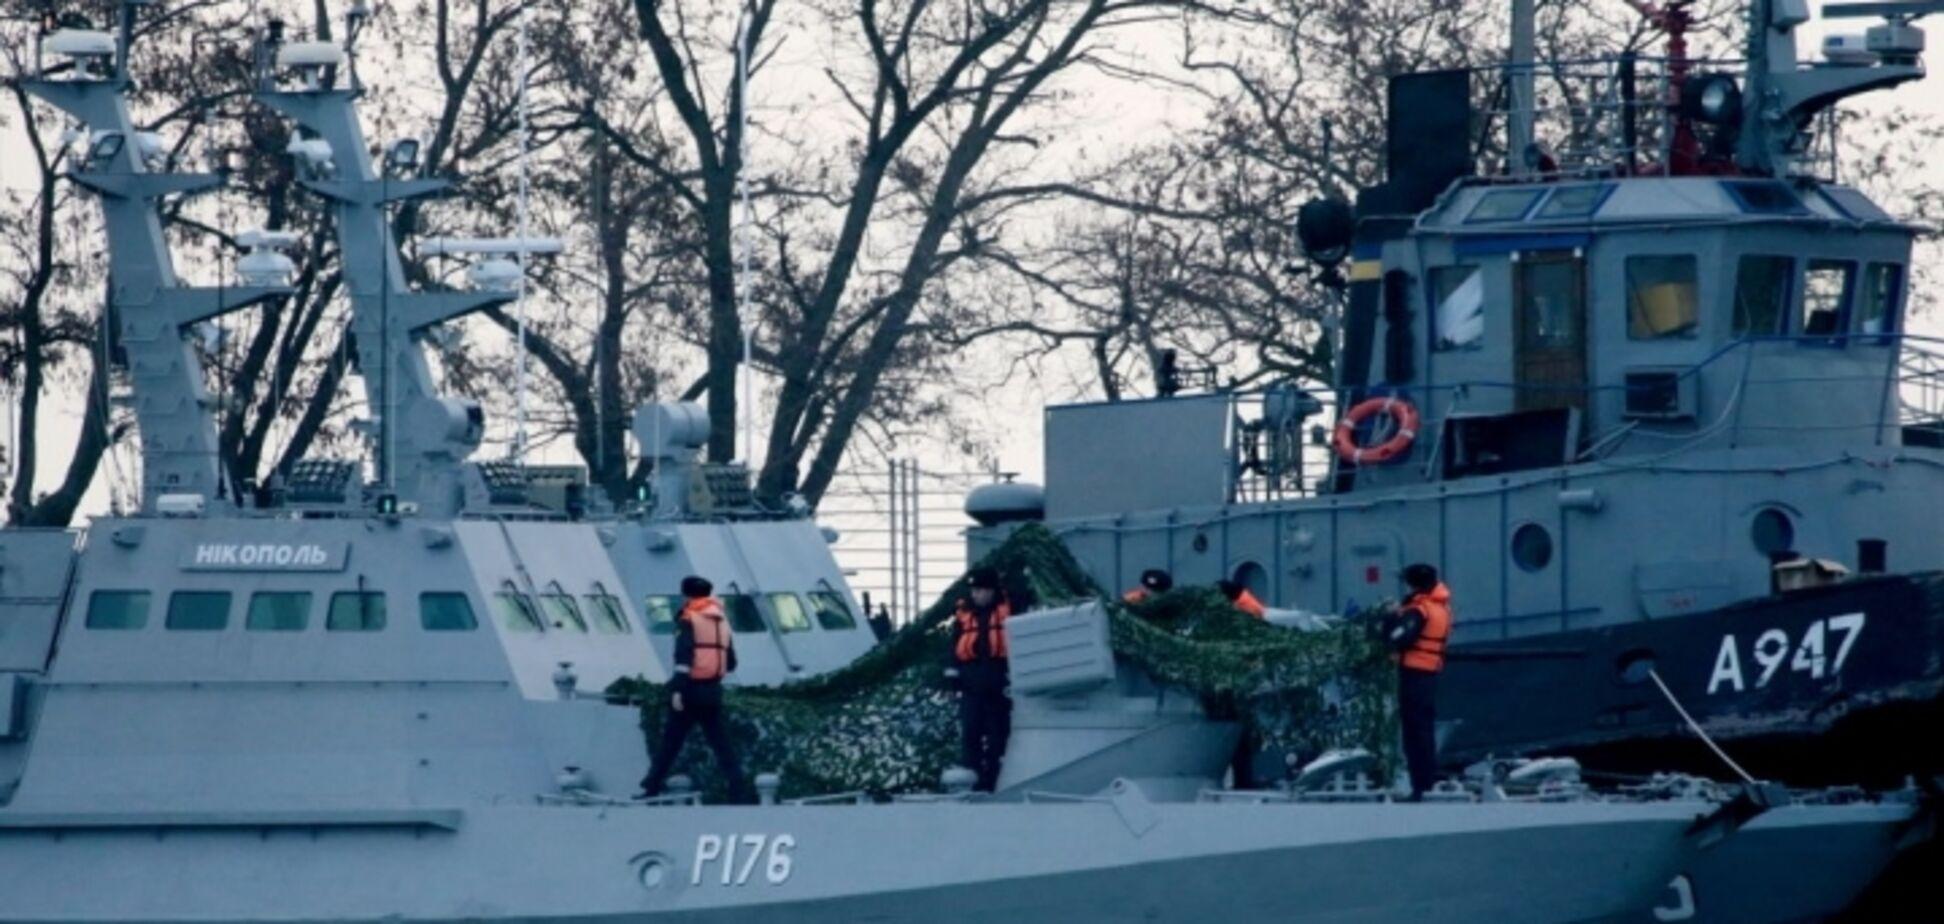 Захоплені Росією українські кораблі зникли з Керчі: з'явилися фото